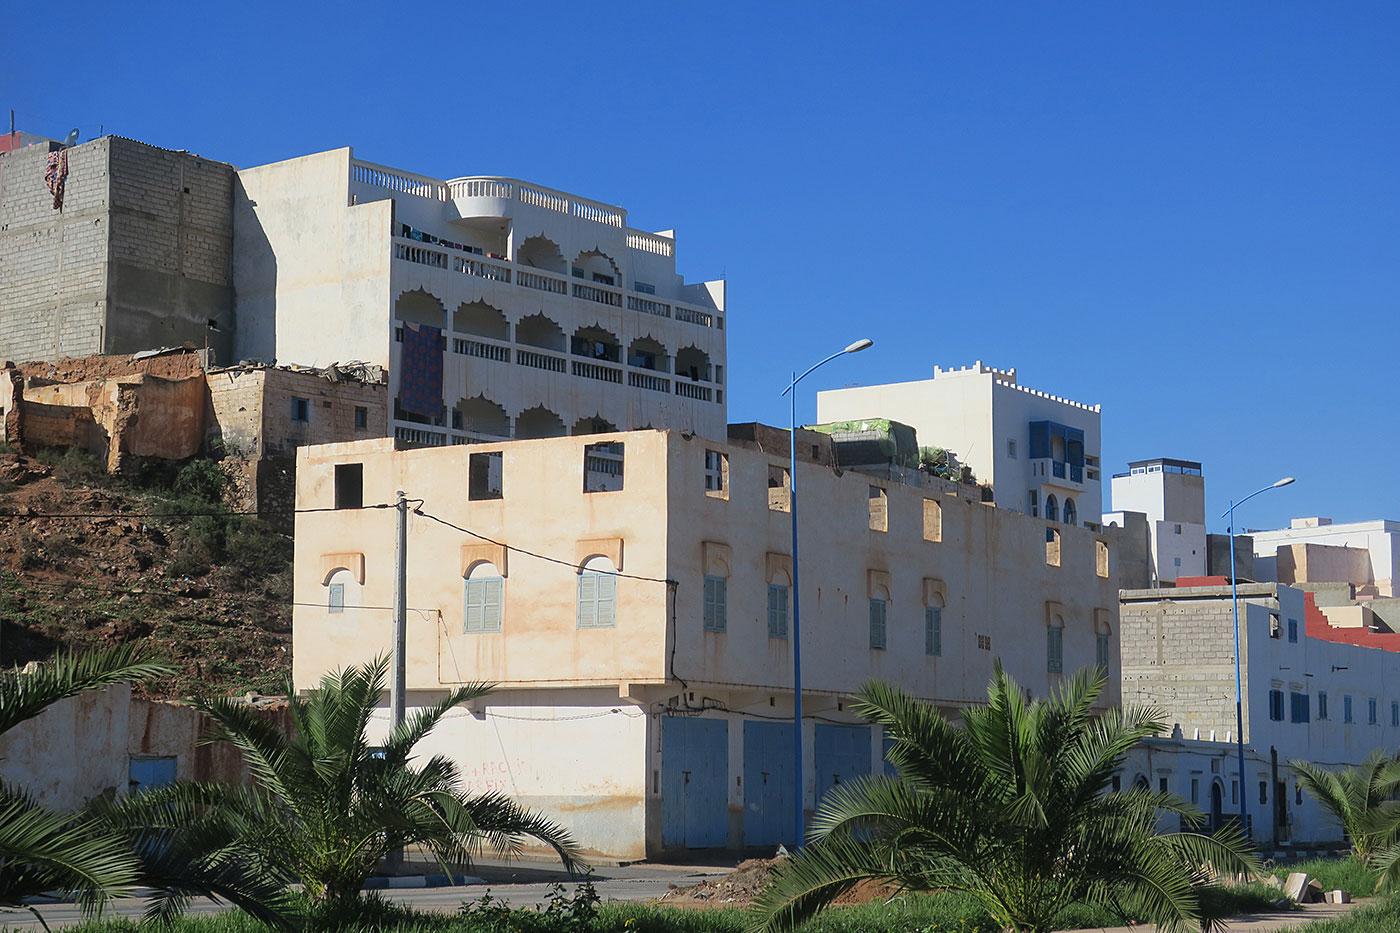 04_sidi-ifni_marokko_2018-11-28_5136